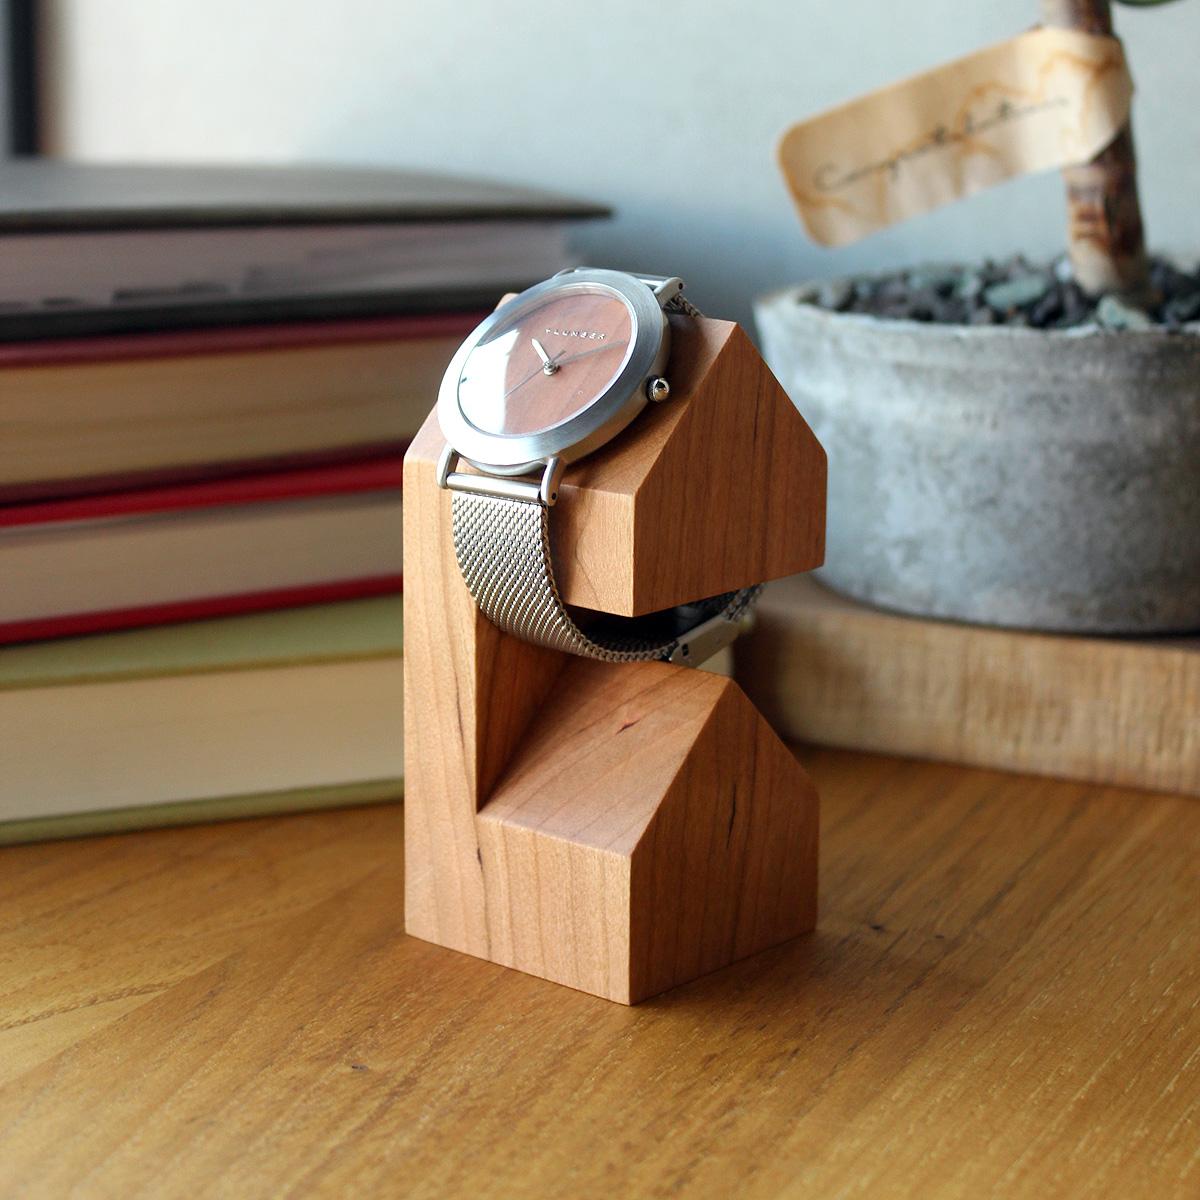 家の形のかわいい木製ウォッチスタンド「WatchStand House」